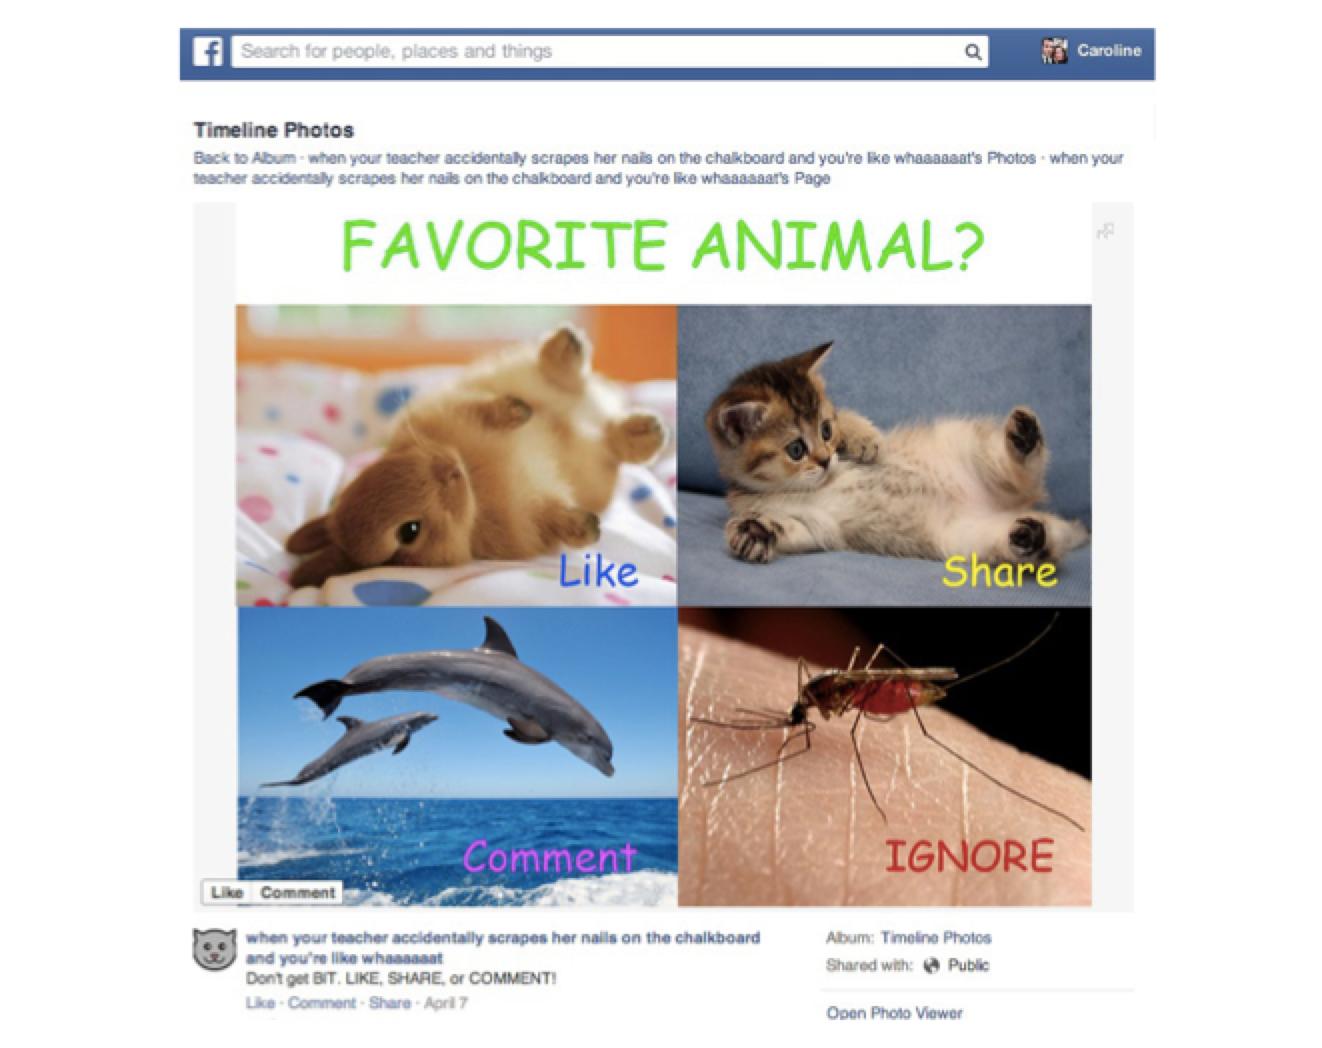 ¿Cómo aprovechar Facebook Ads para amplificar tus contenidos?